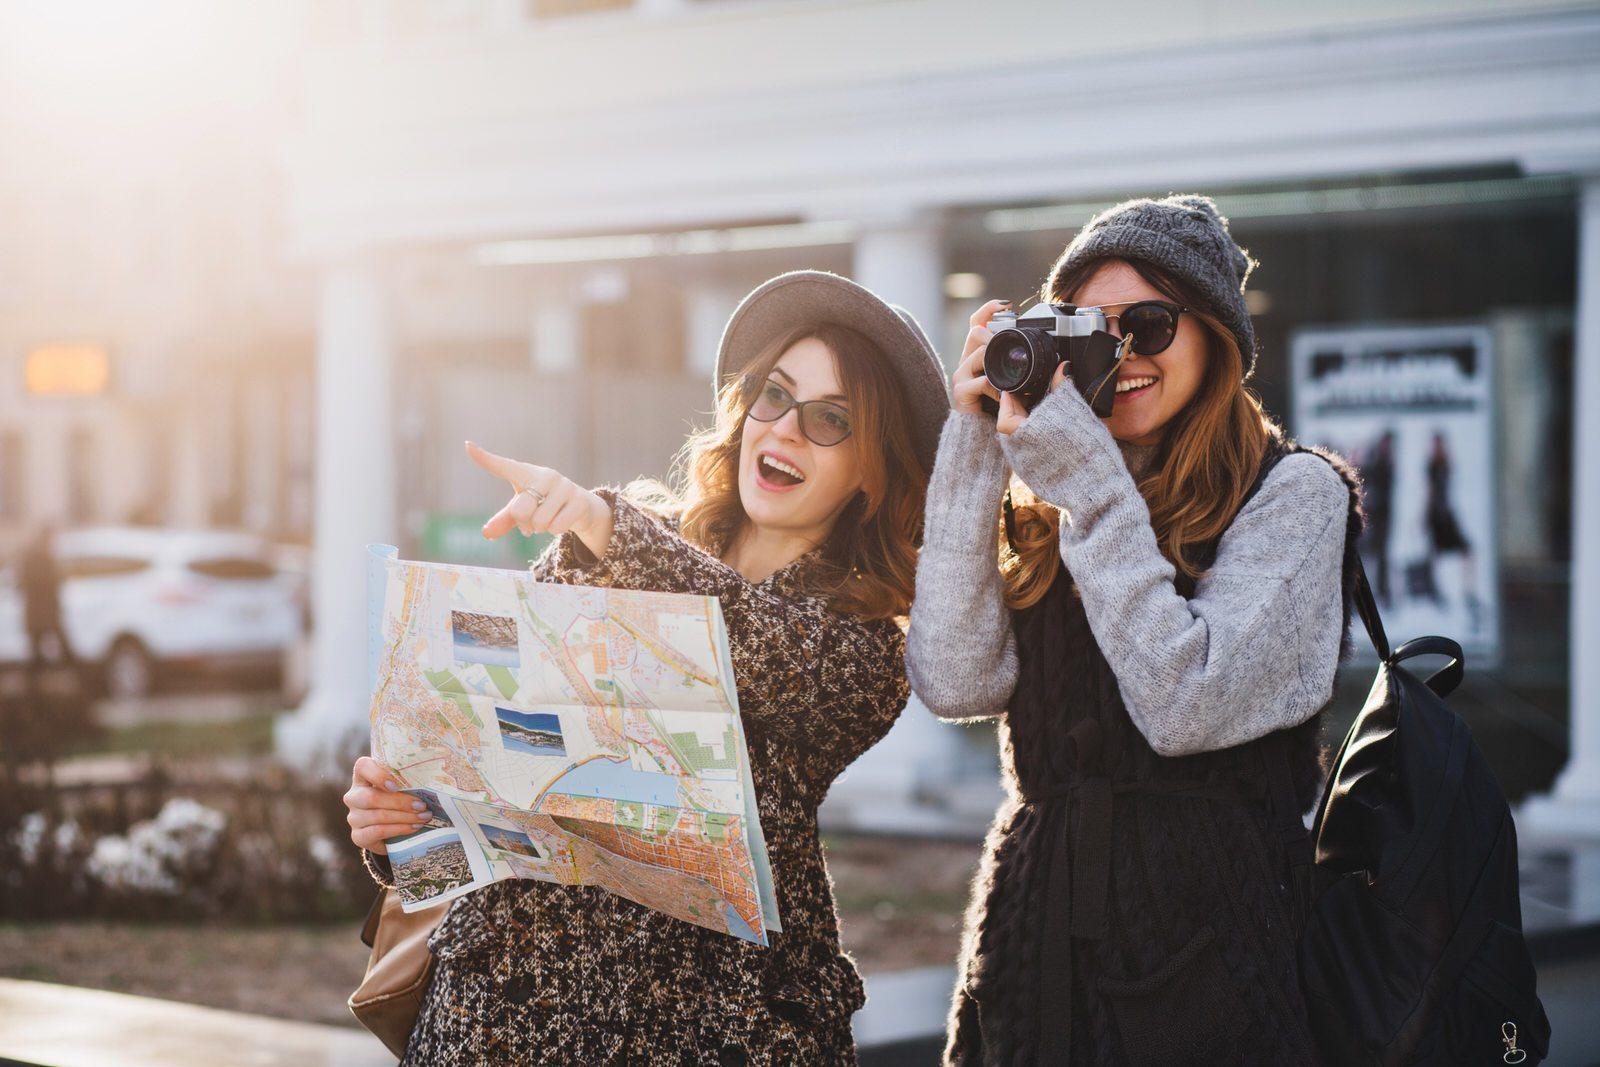 Alloggi, mete ed esperienze: i più richiesti nel 2018 su Airbnb